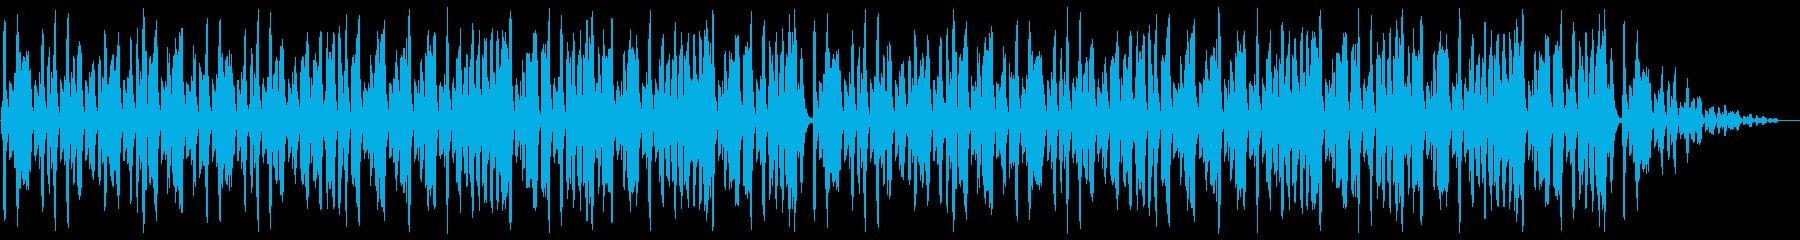 リコーダーとピアノが軽快な日常系BGMの再生済みの波形